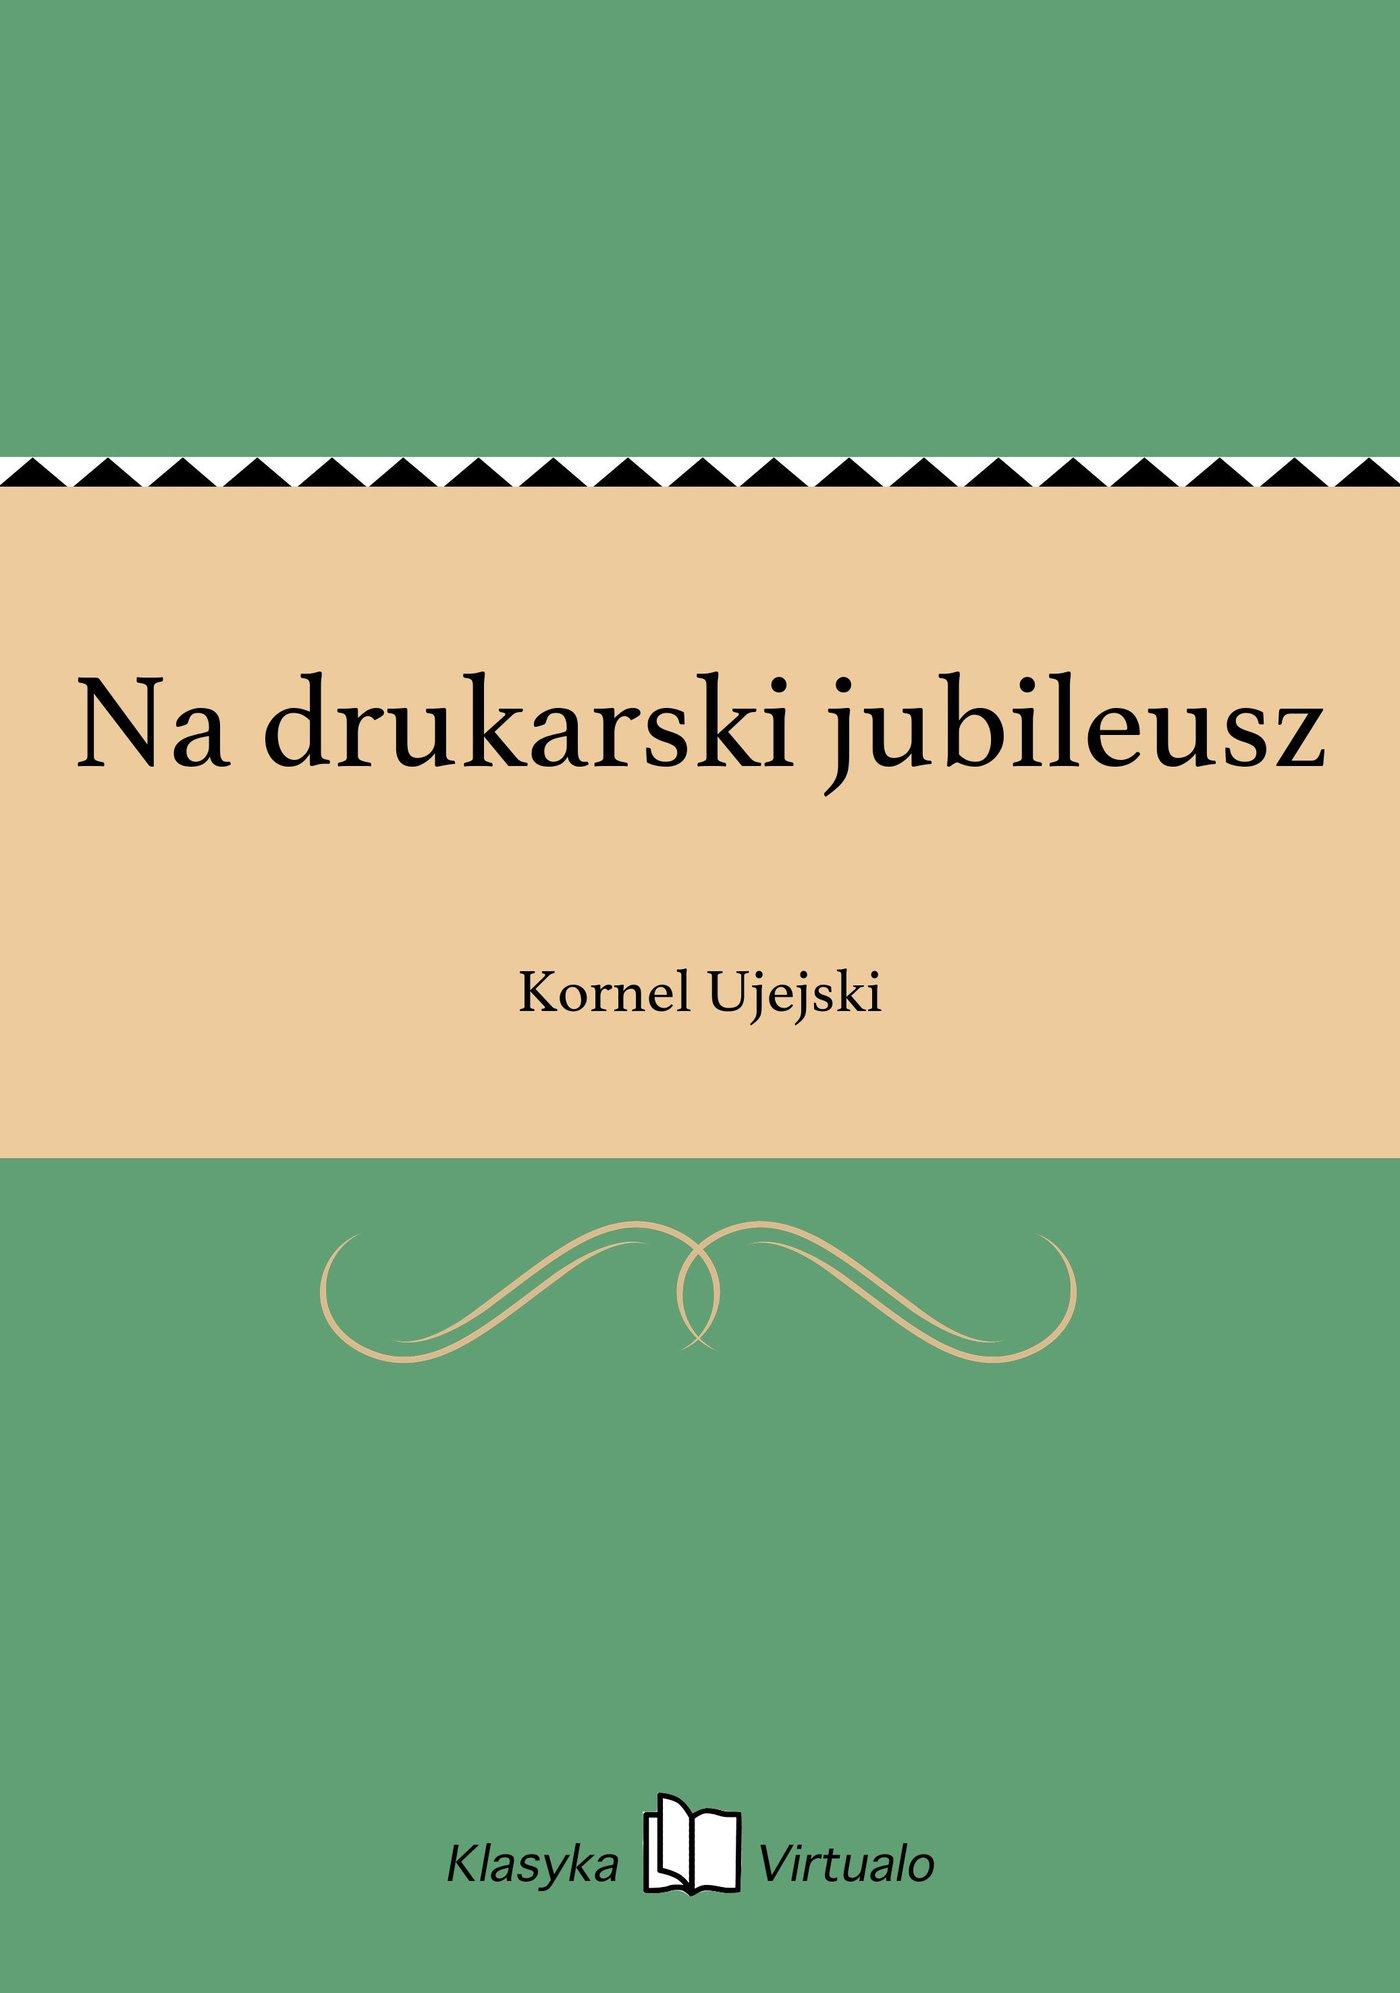 Na drukarski jubileusz - Ebook (Książka EPUB) do pobrania w formacie EPUB